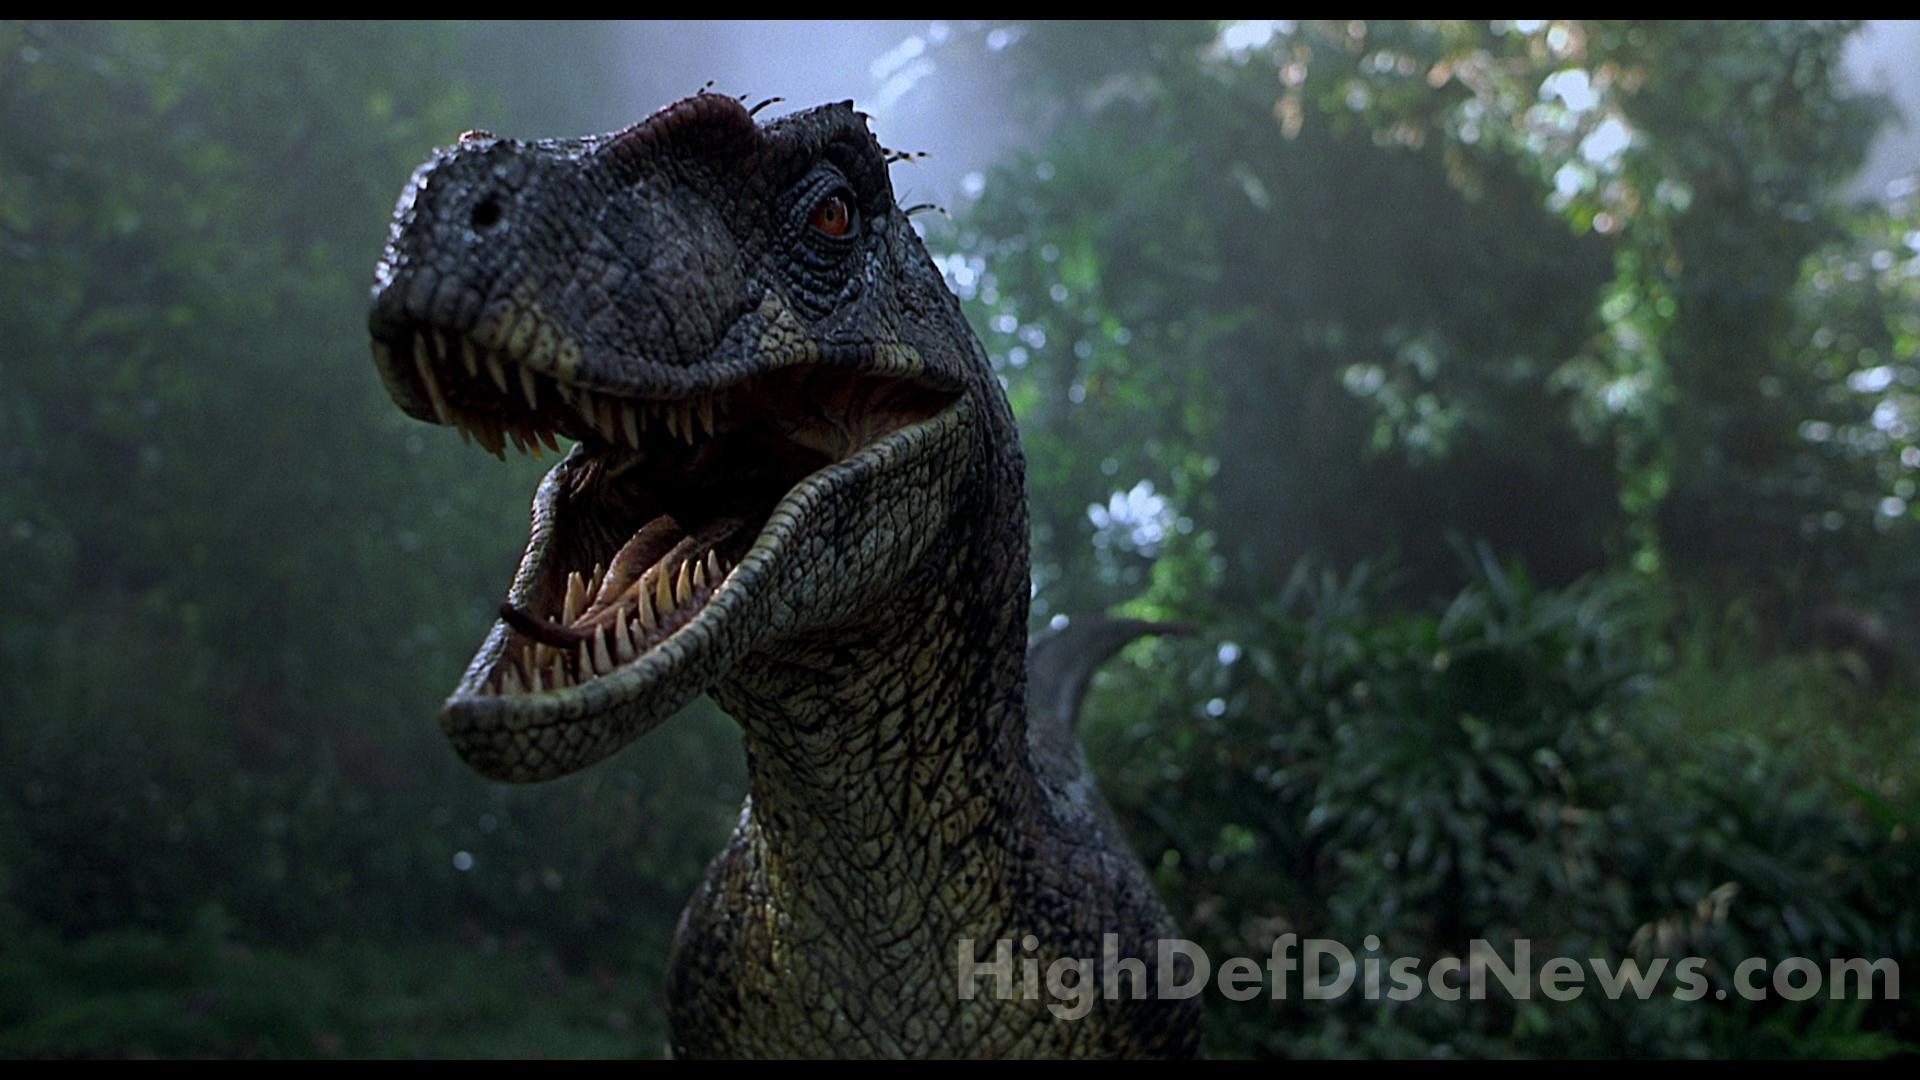 Jurassic Park Velociraptor Skeleton Tattoo Spinosaurus Wallpaper ...